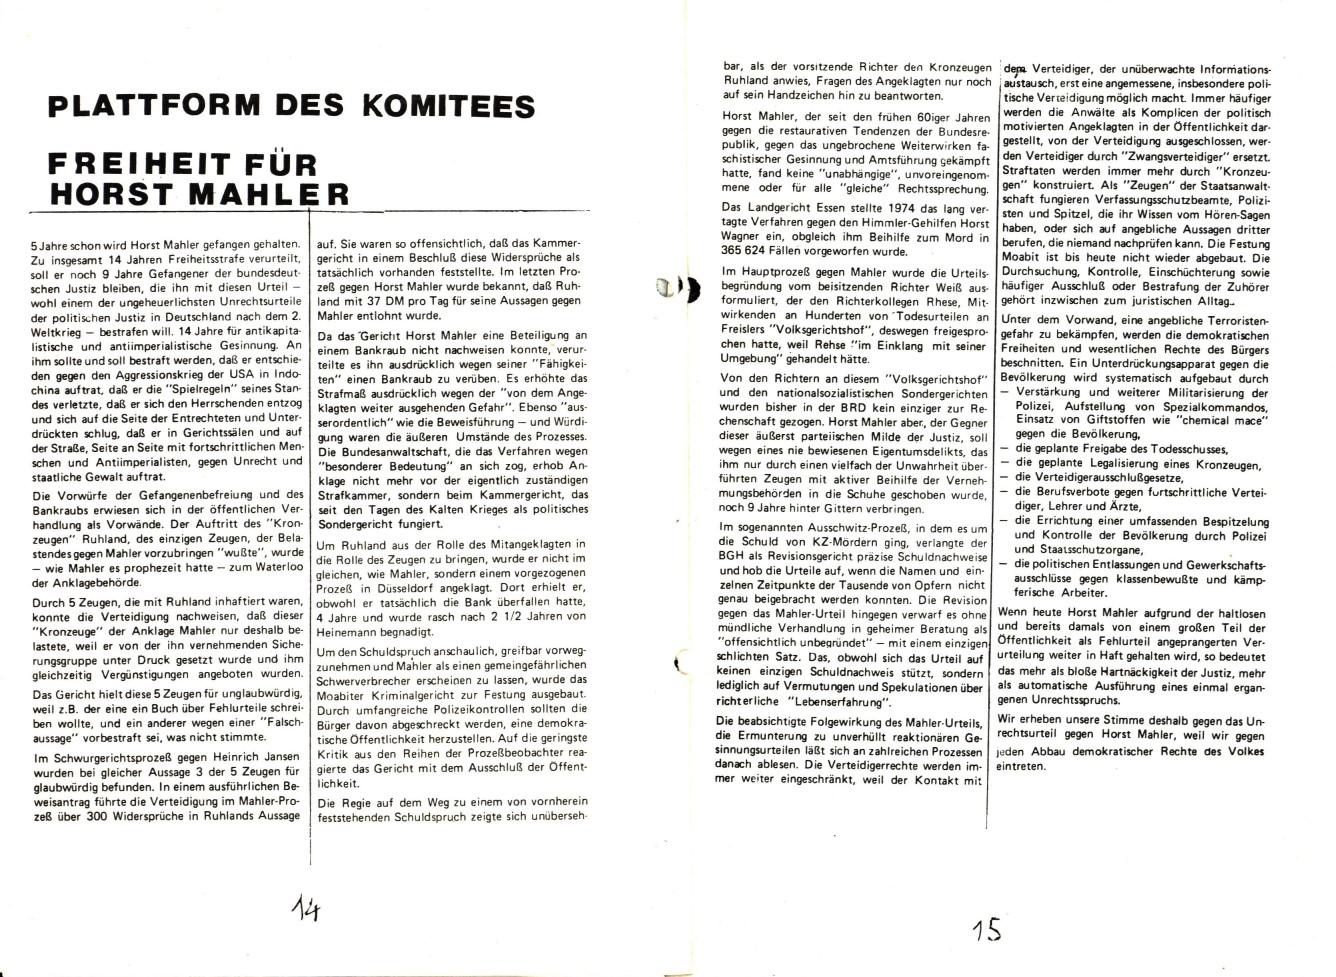 Berlin_Komitee_Mahler_Dokumentation_1_08